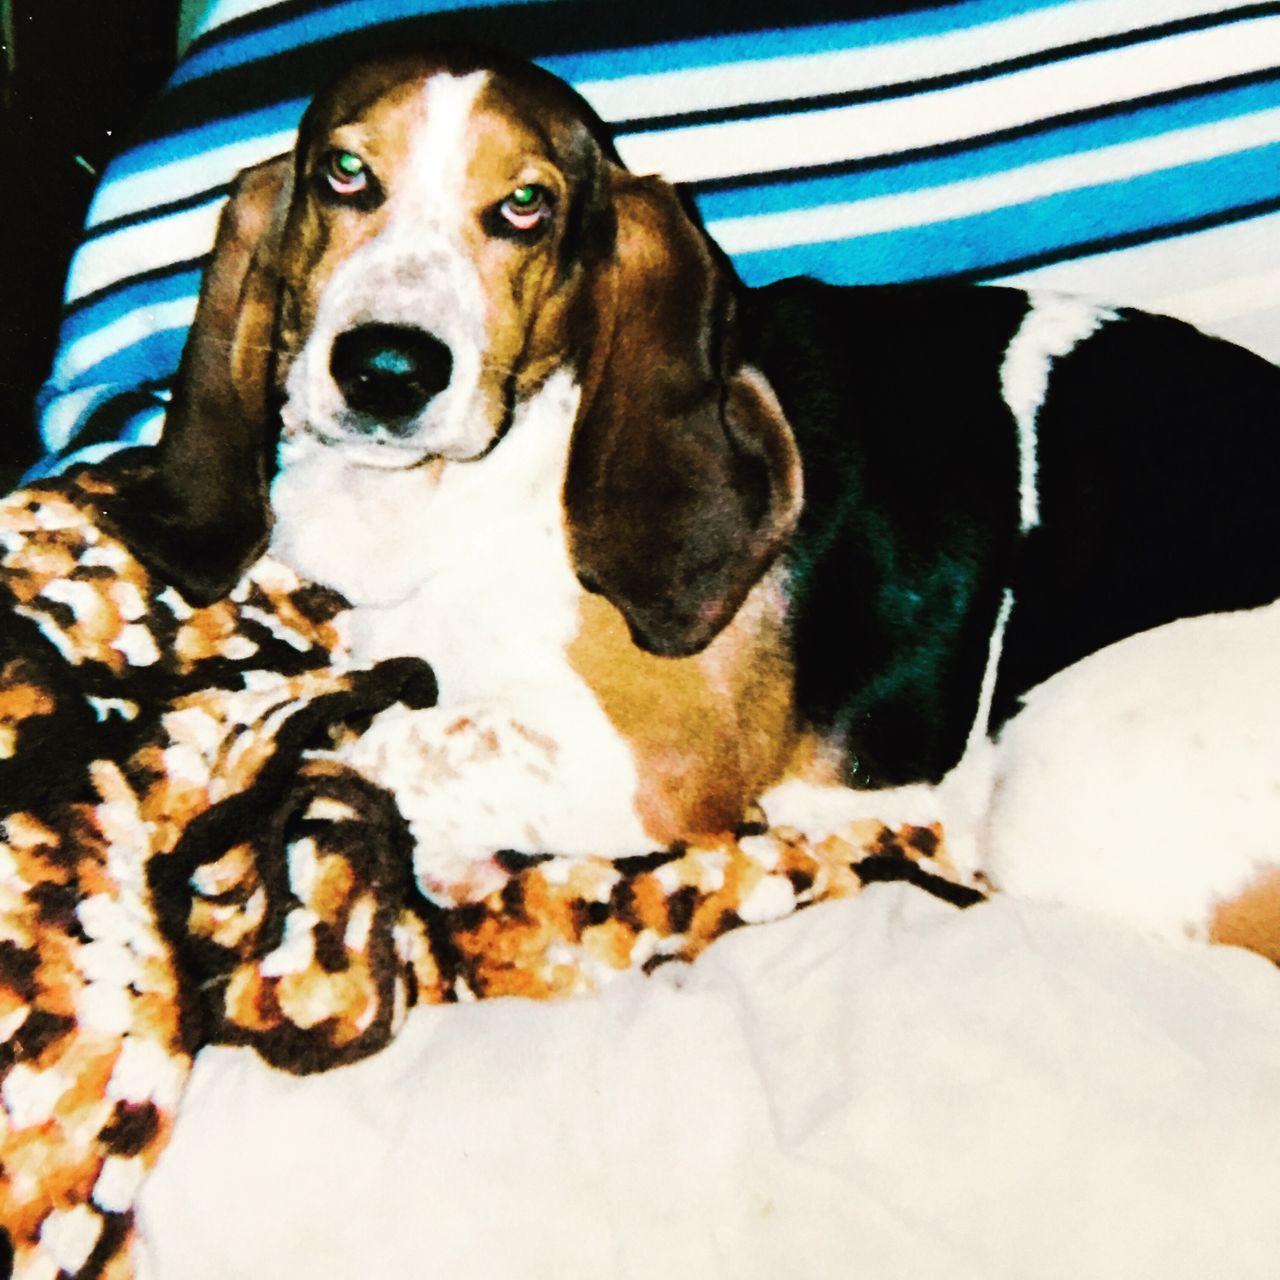 My Auggie RIP Leftforrainbowbridge Angelwatchingoverme Firstbassethound Cheese! Enjoying Life Posing For The Camera Bassetphotography Bassetmoments Bassetworld Iphonephotography Ilovebassethounds